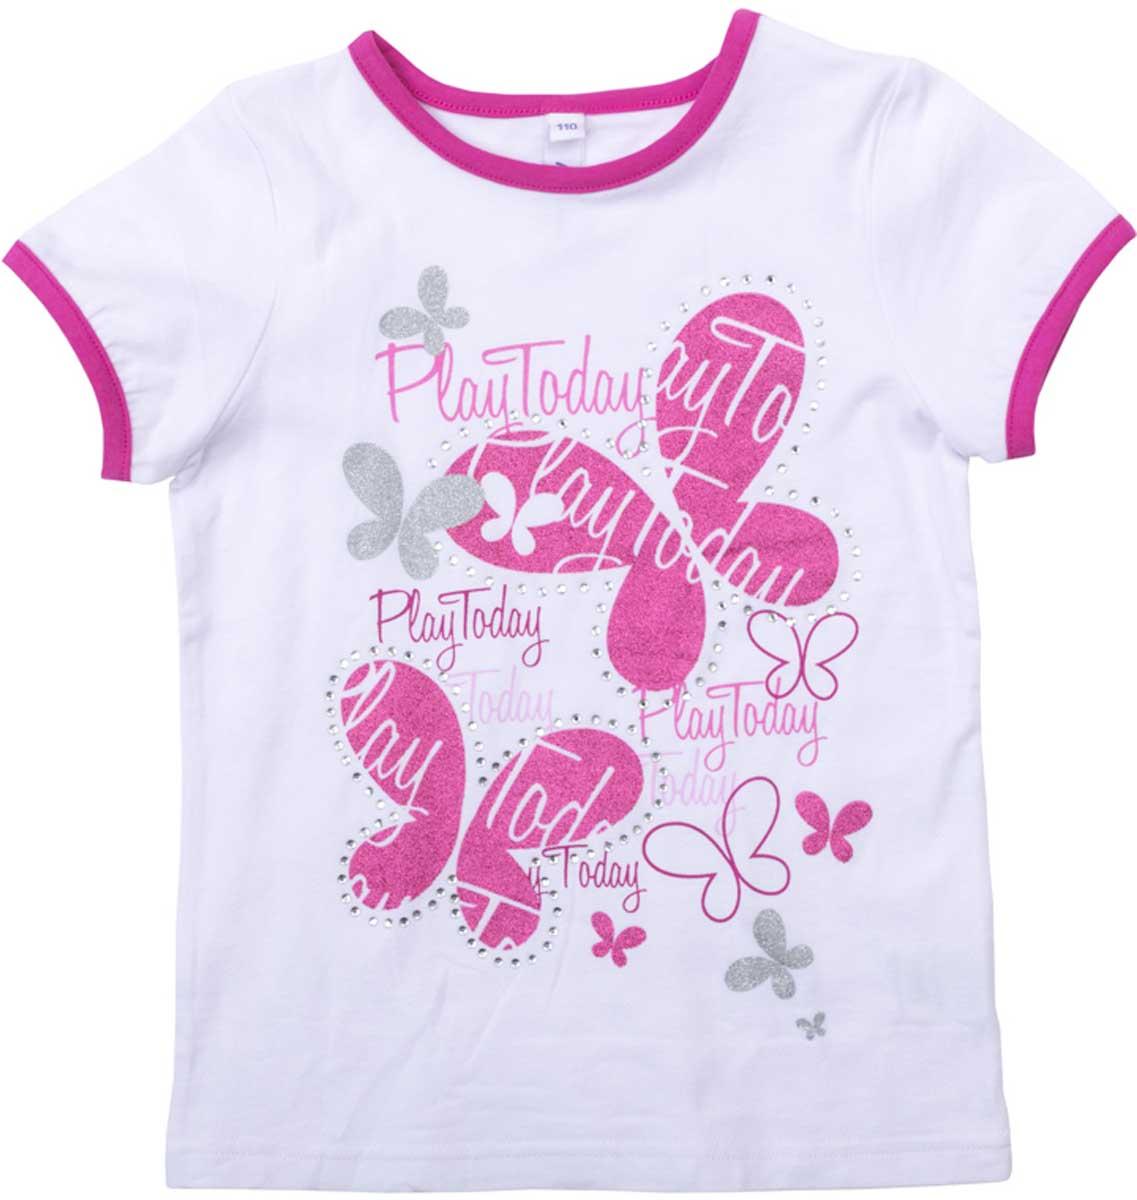 Футболка для девочки PlayToday, цвет: белый, розовый. 172068. Размер 98172068Футболка для девочки PlayToday свободного классического кроя прекрасно подойдет как для домашнего использования, так и для прогулок на свежем воздухе. Рукава на мягких резинках. Можно использовать в качестве базовой вещи повседневного гардероба вашего ребенка. Яркий стильный принт является достойным украшением данного изделия.